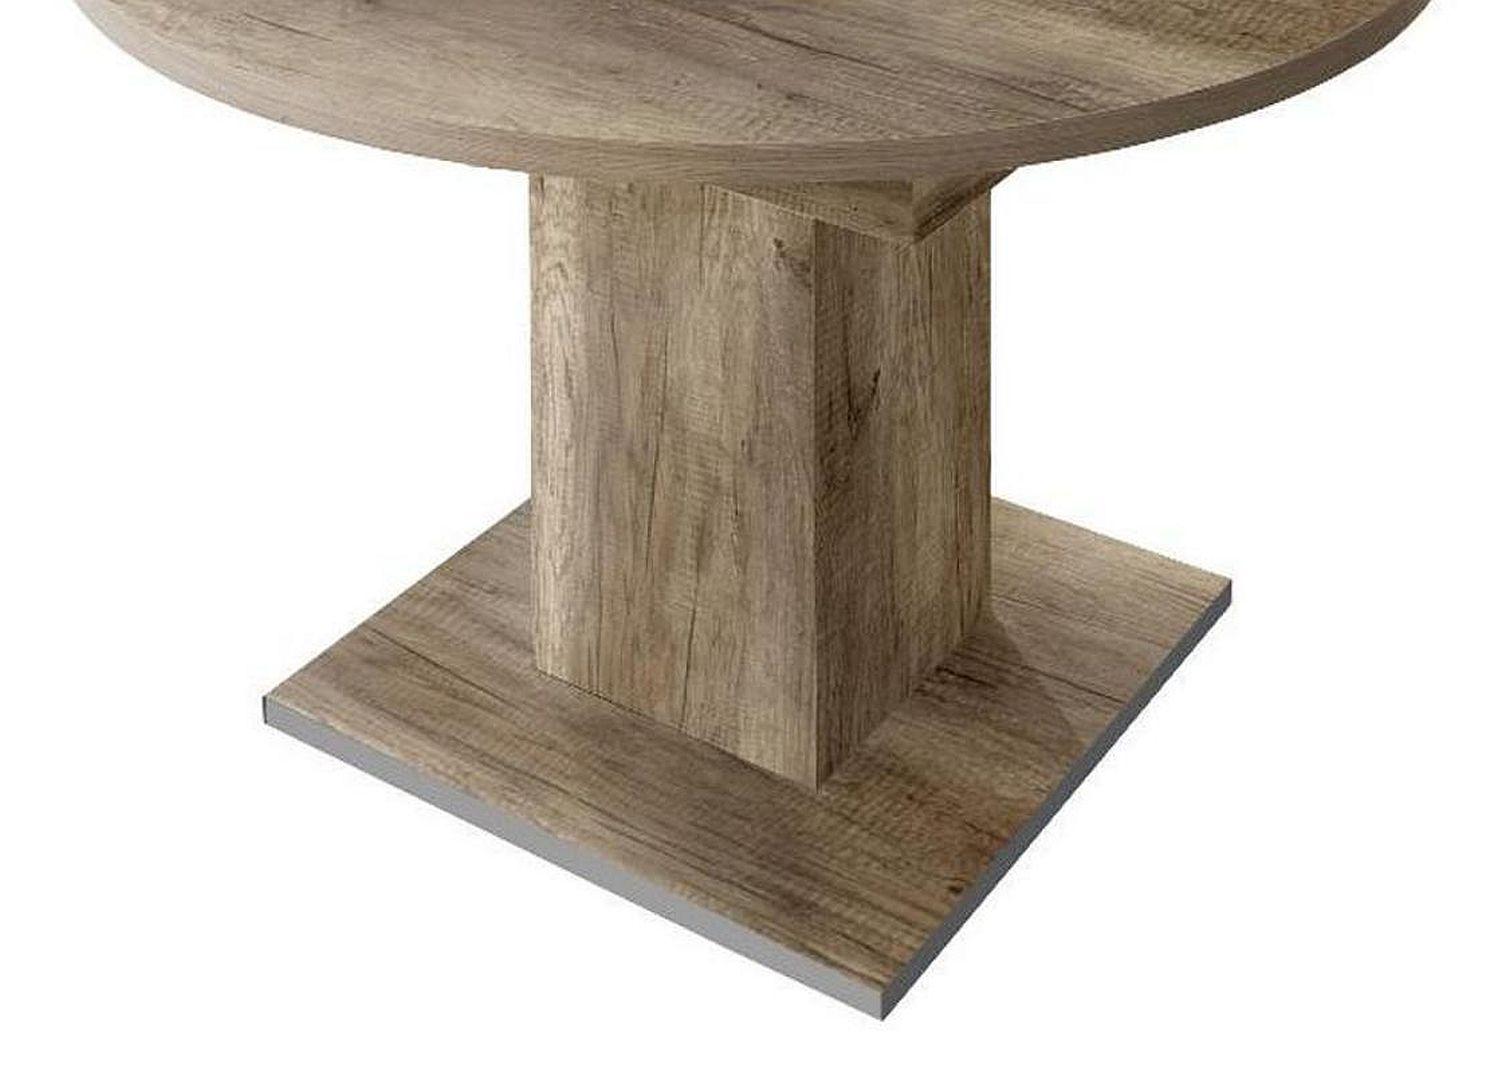 Esstisch designtisch runder tisch k chentisch for Esstisch rund designklassiker